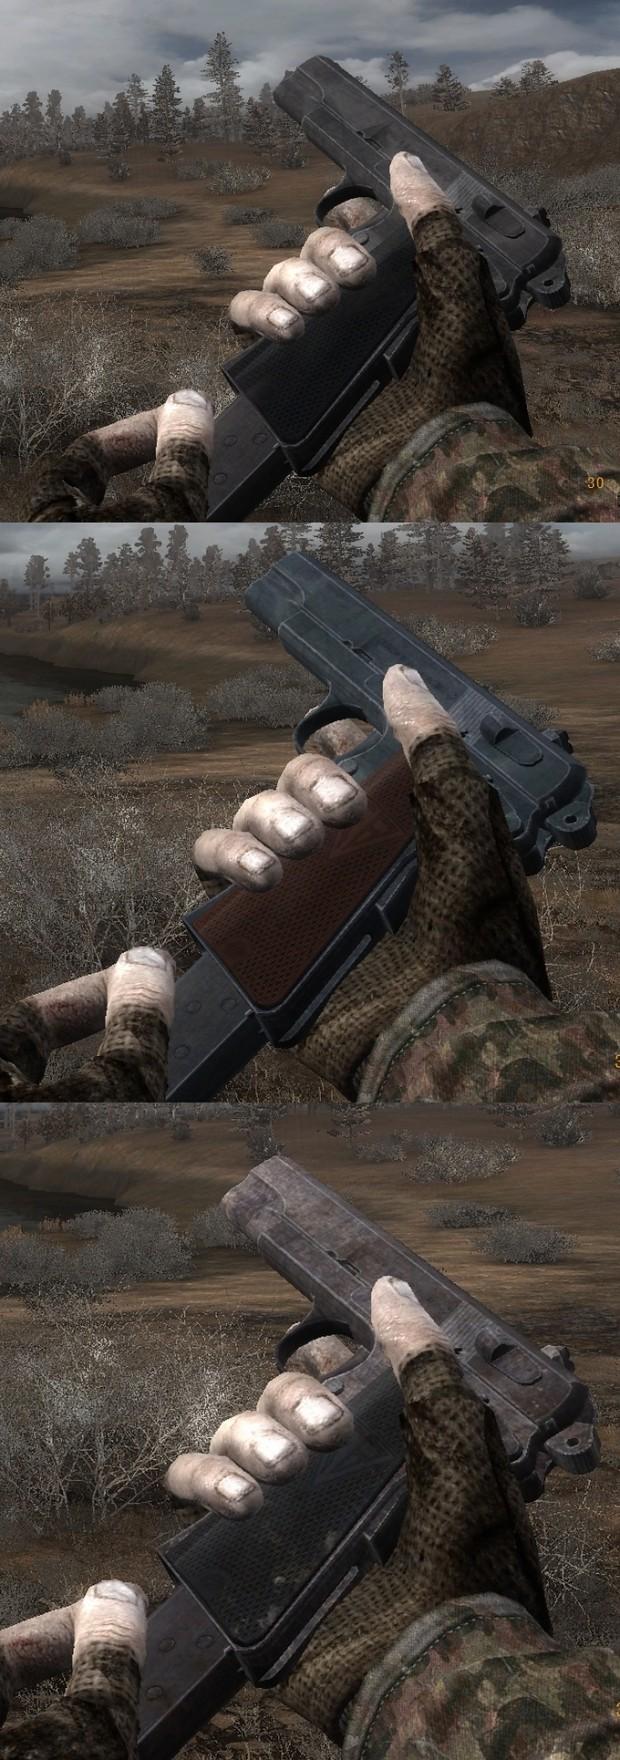 Vis pistol